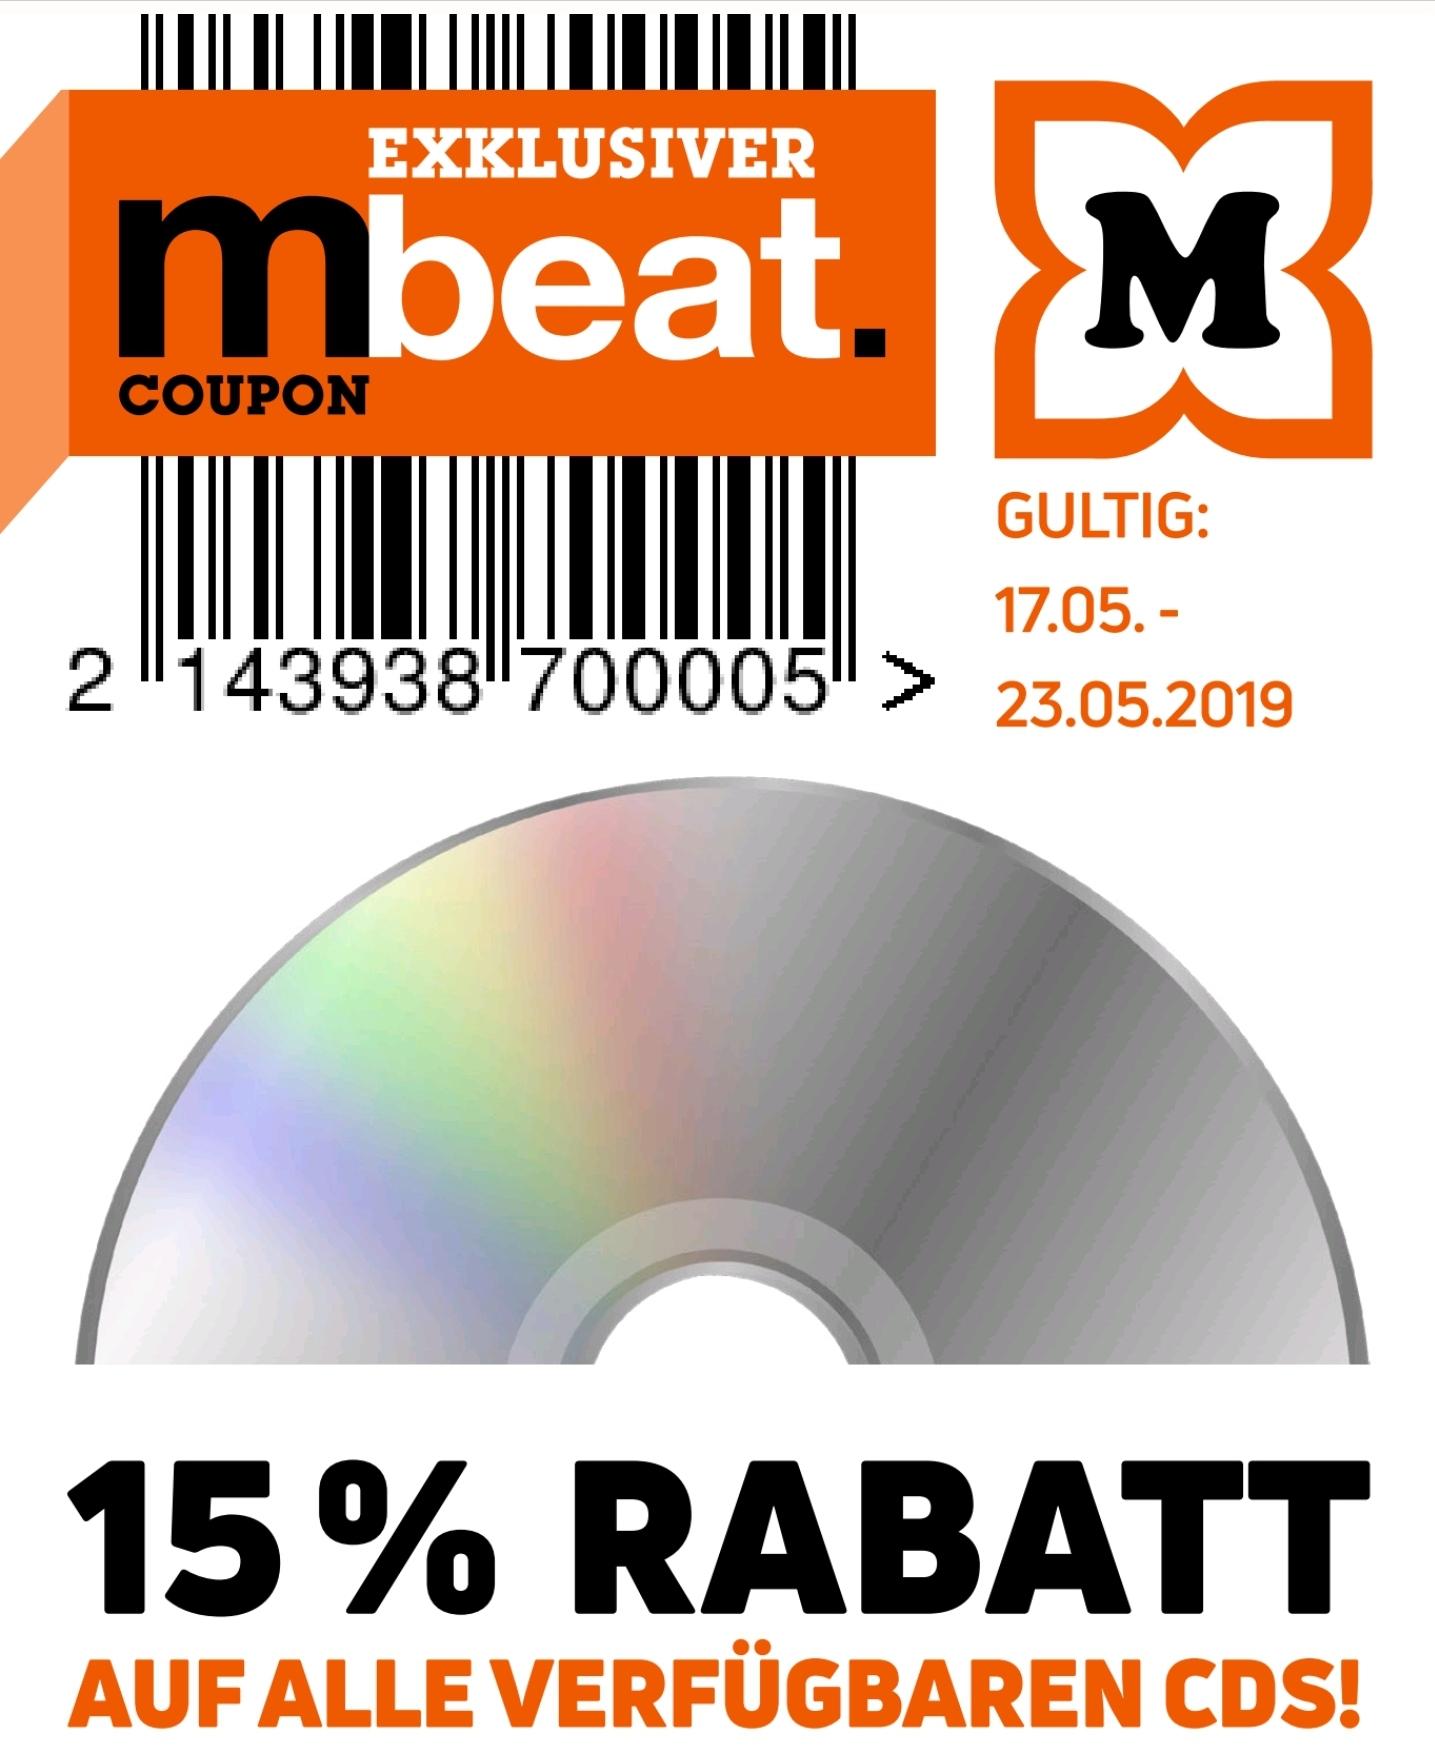 15% auf alle verfügbaren CDs [Offline Müller ab 17.05.]